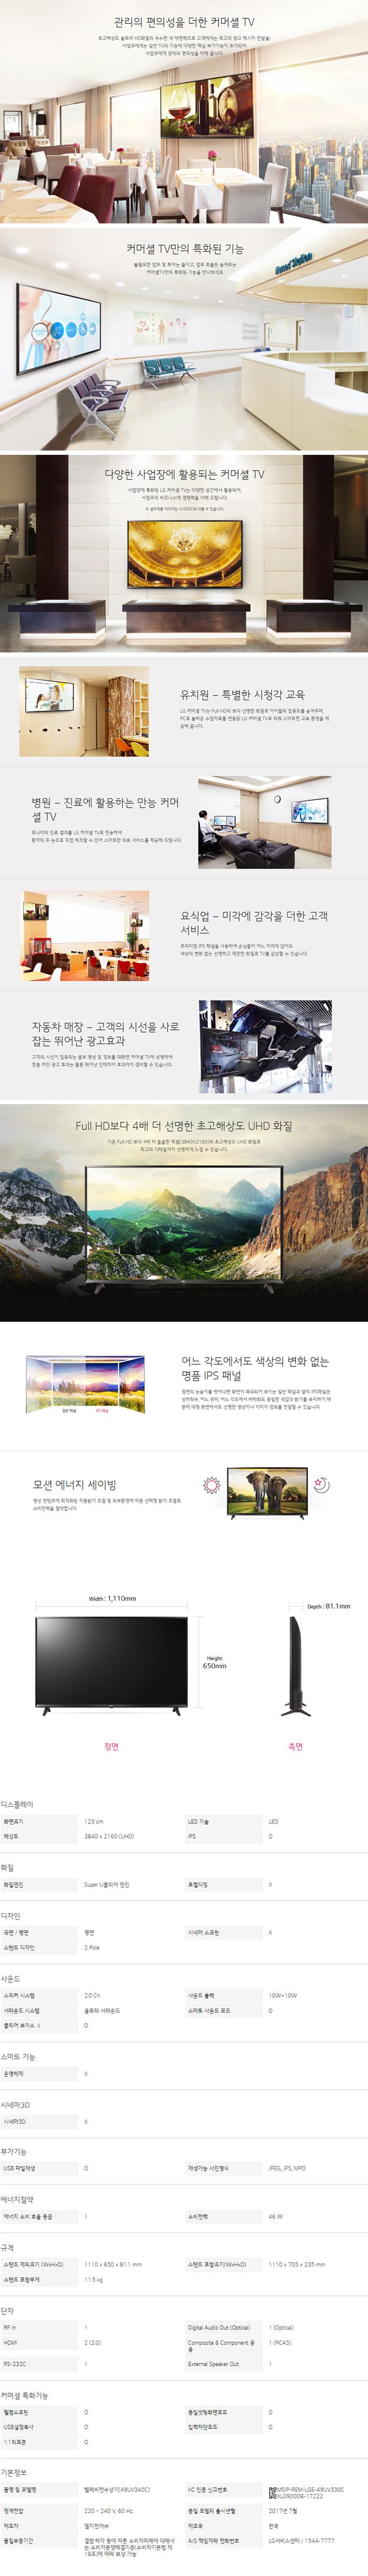 용산케이블 - LG 49인치 UHD TV (49UV330C) 상세보기